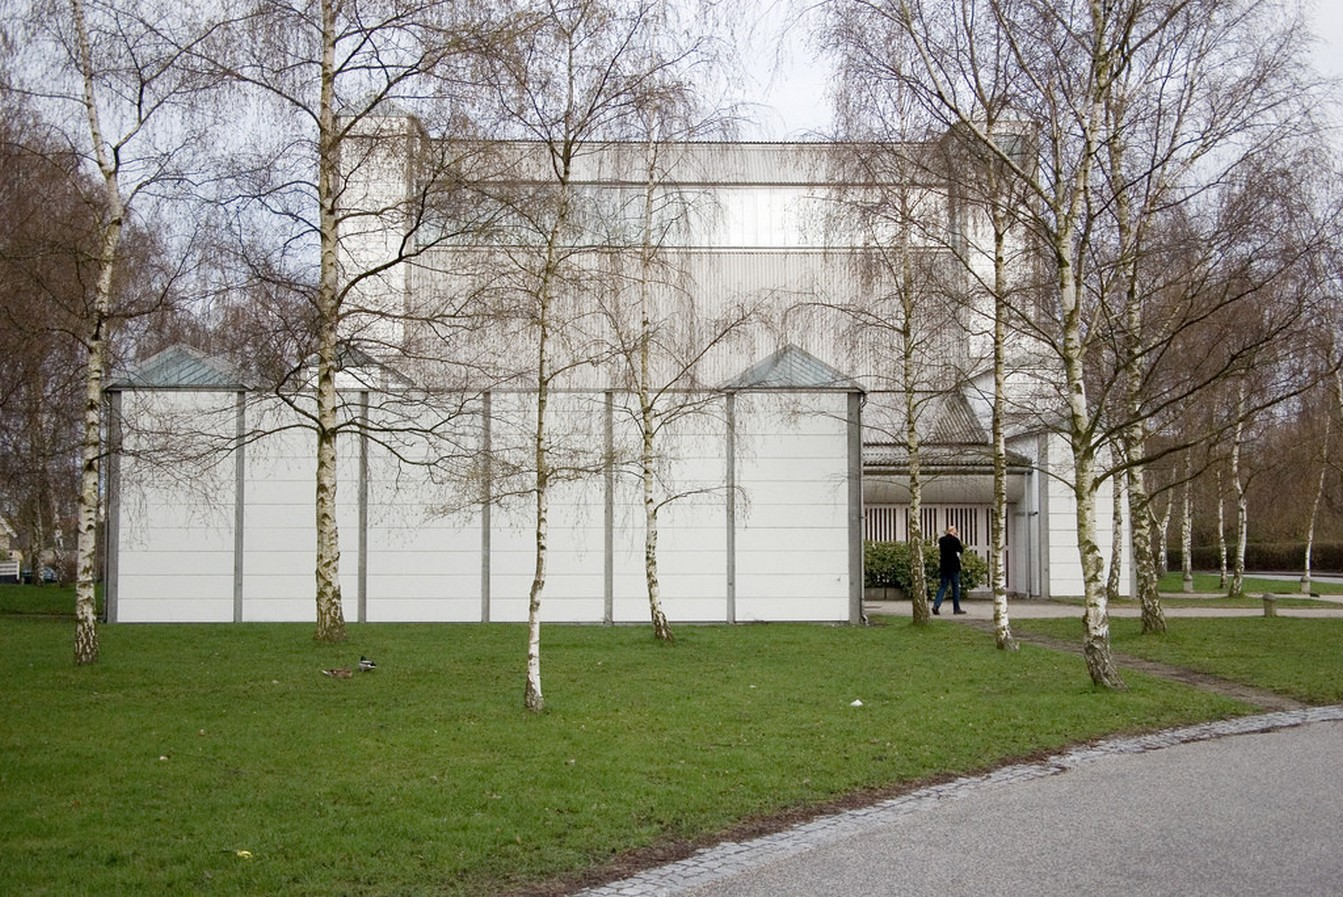 Bagsværd Church, Jørn Utzon, 1976 - Sheet1